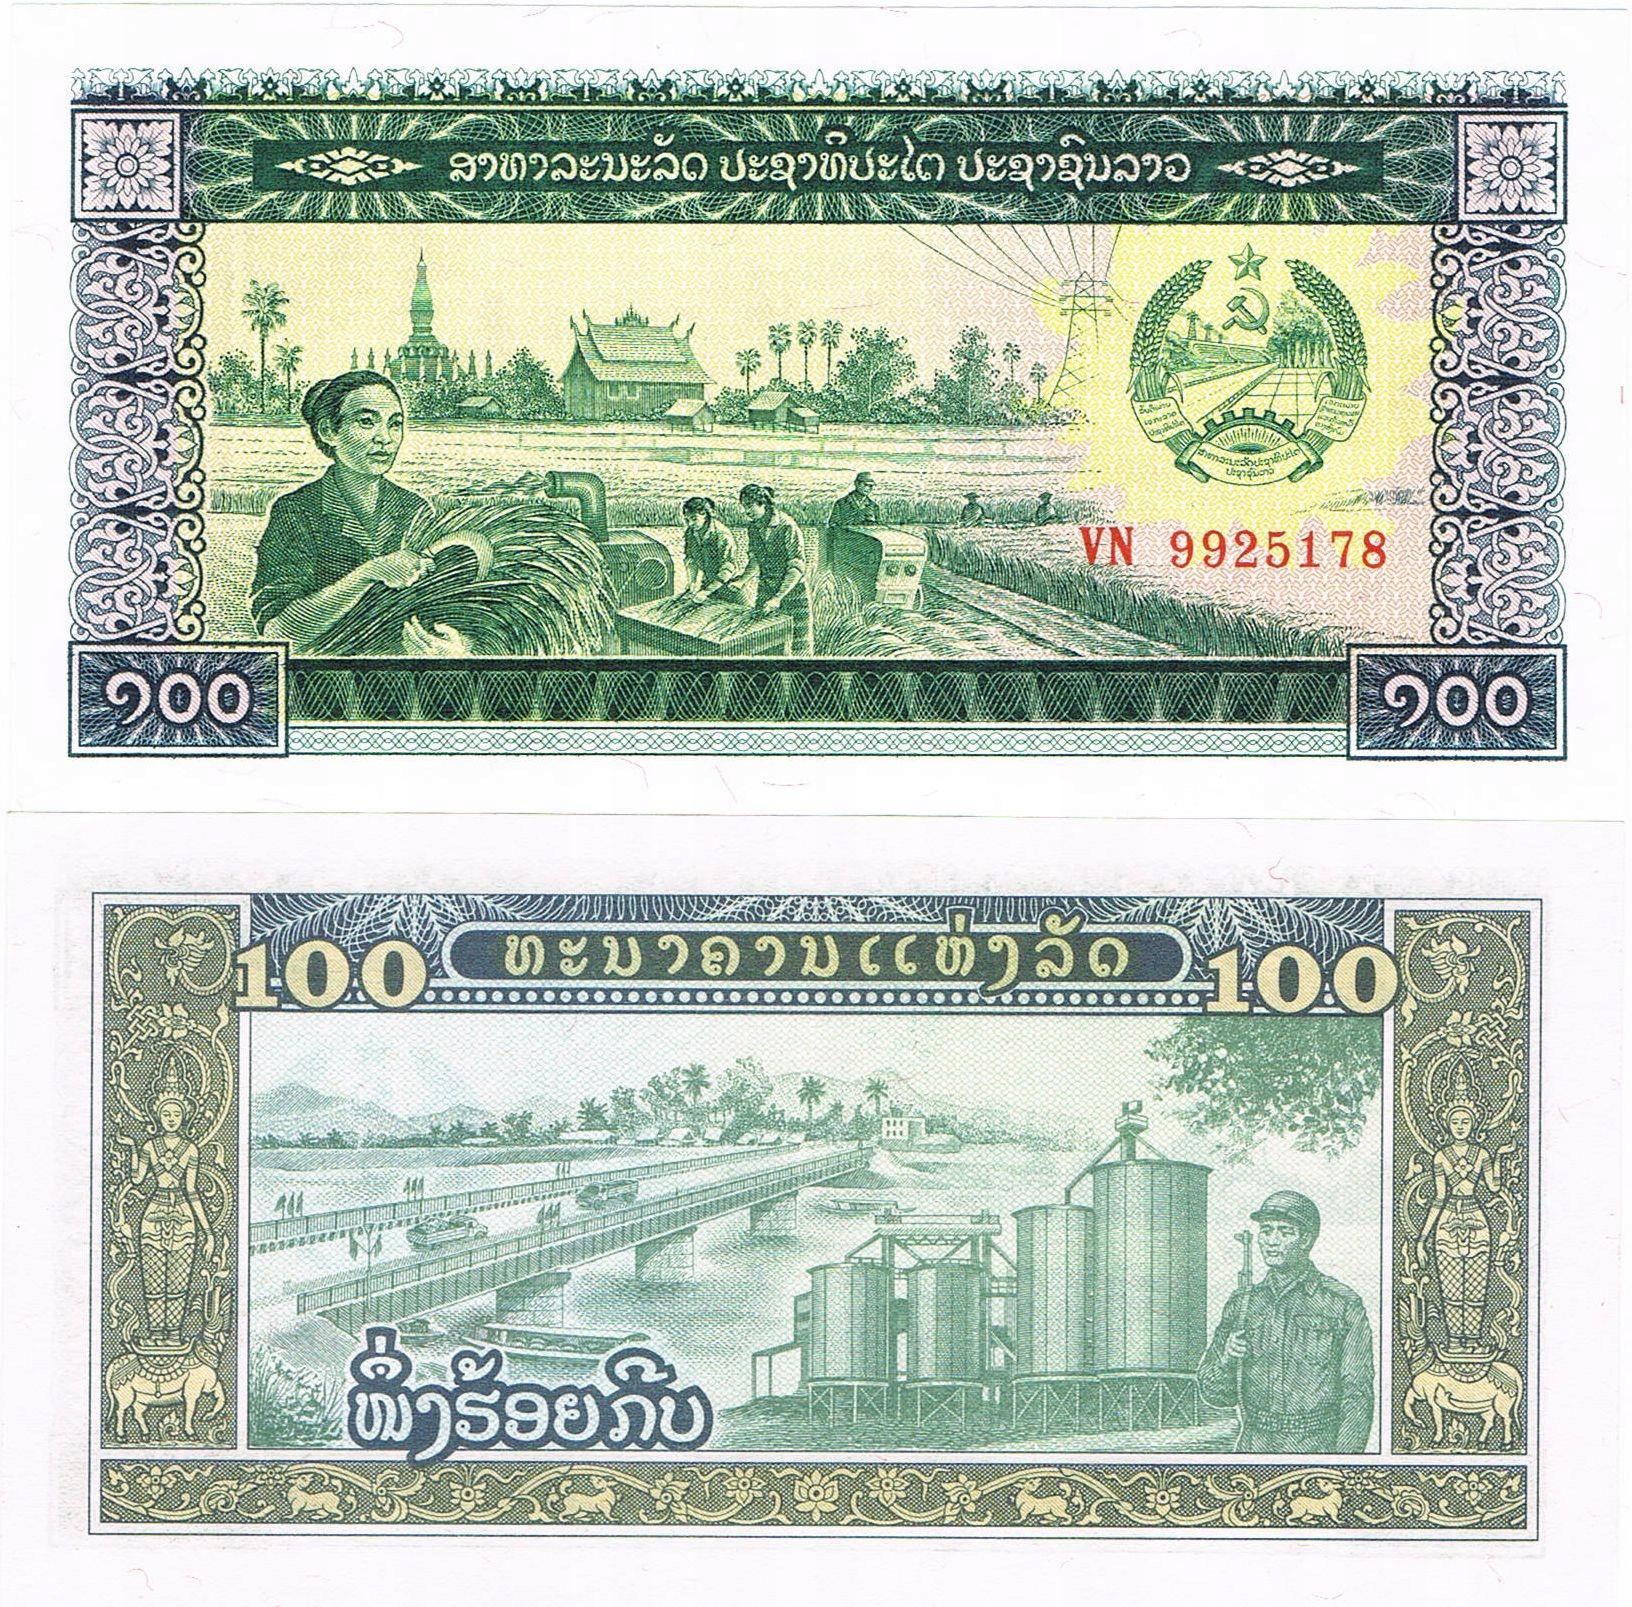 Банкнота Лаоса 100 кип P-30 UNC